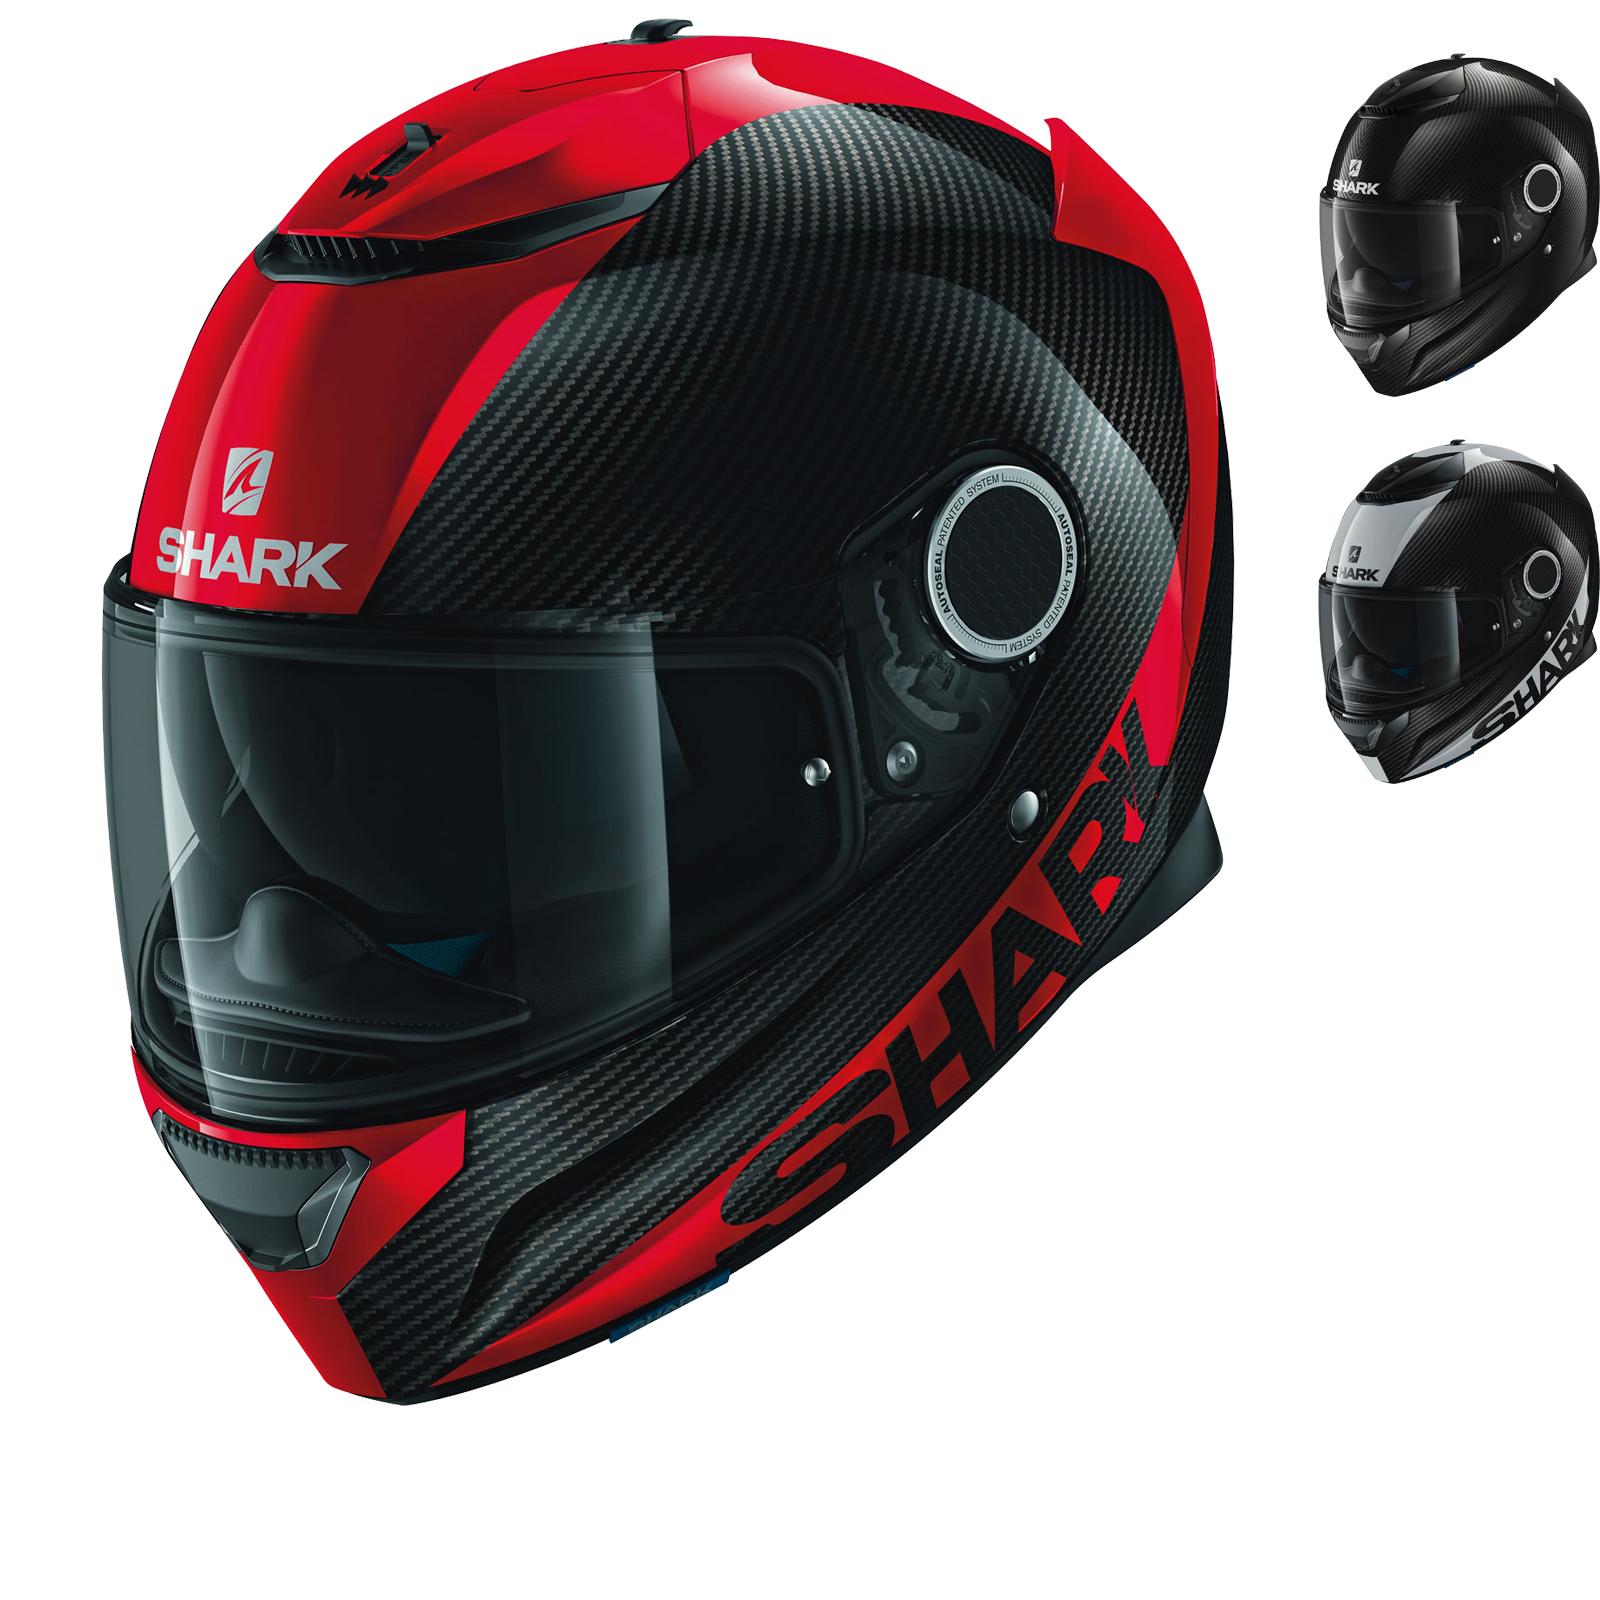 shark spartan carbon skin motorcycle helmet full face. Black Bedroom Furniture Sets. Home Design Ideas